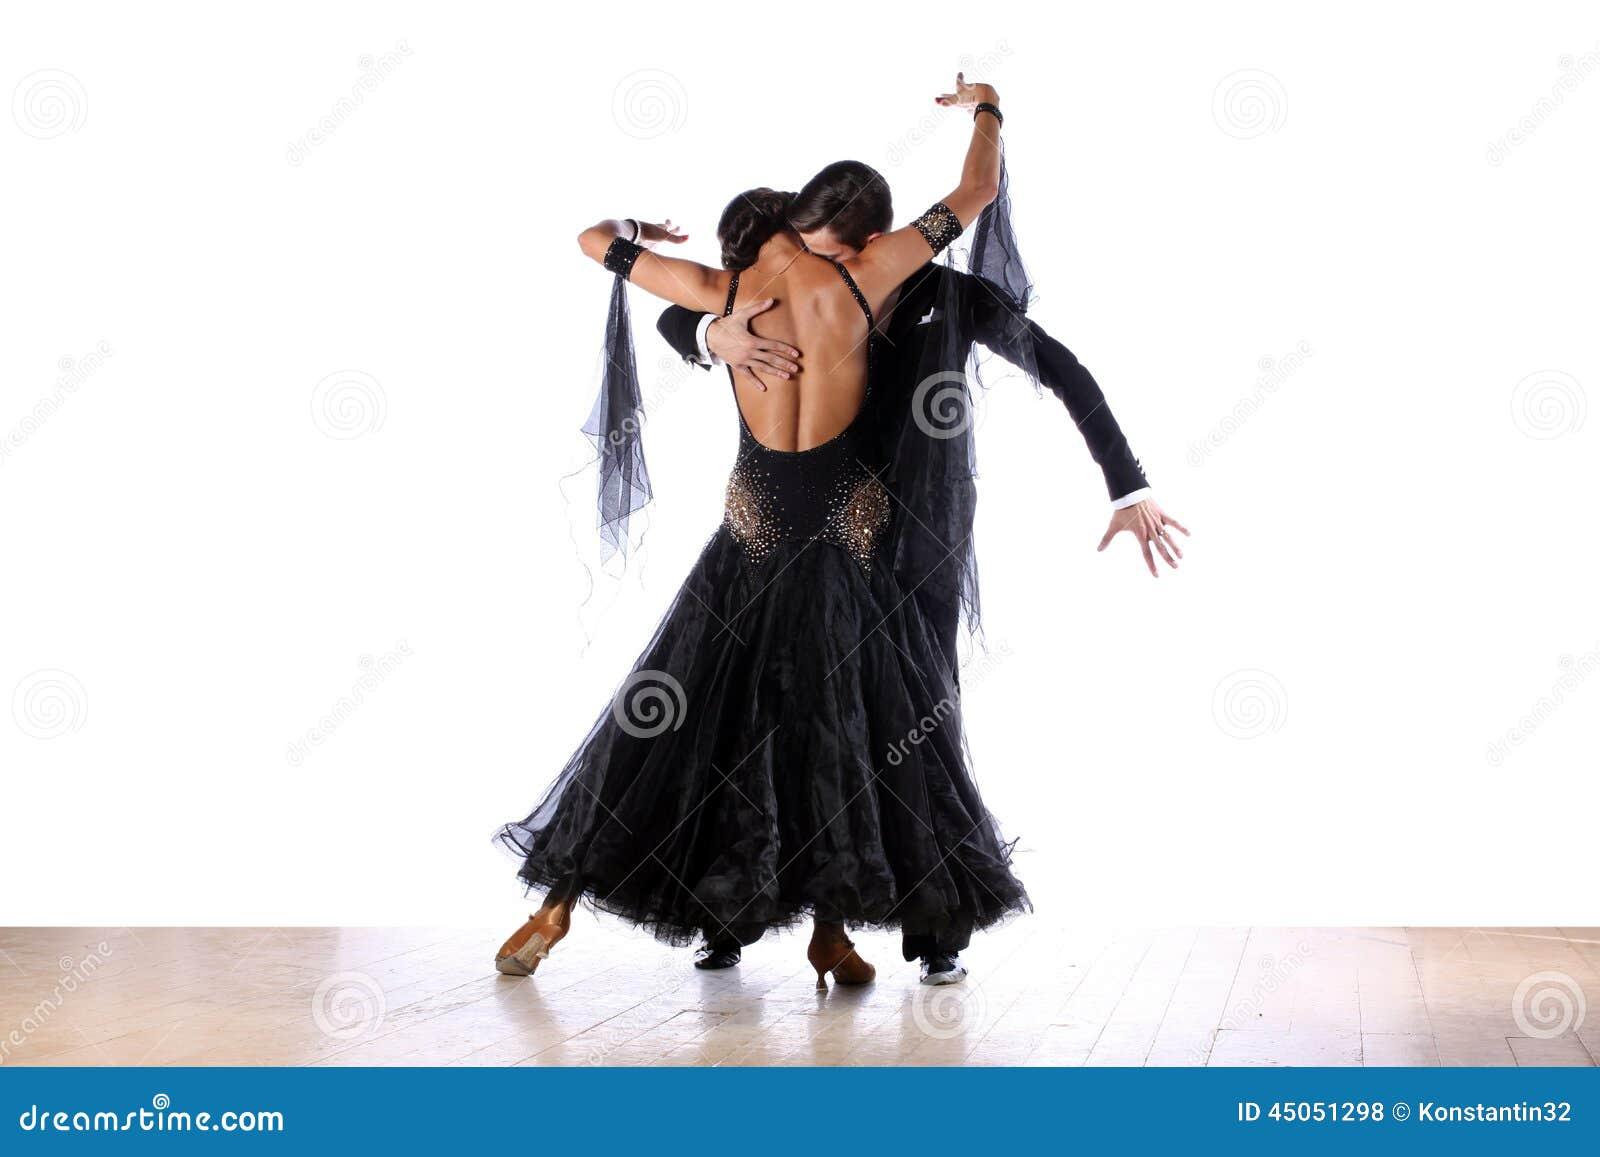 Latino dansers in balzaal